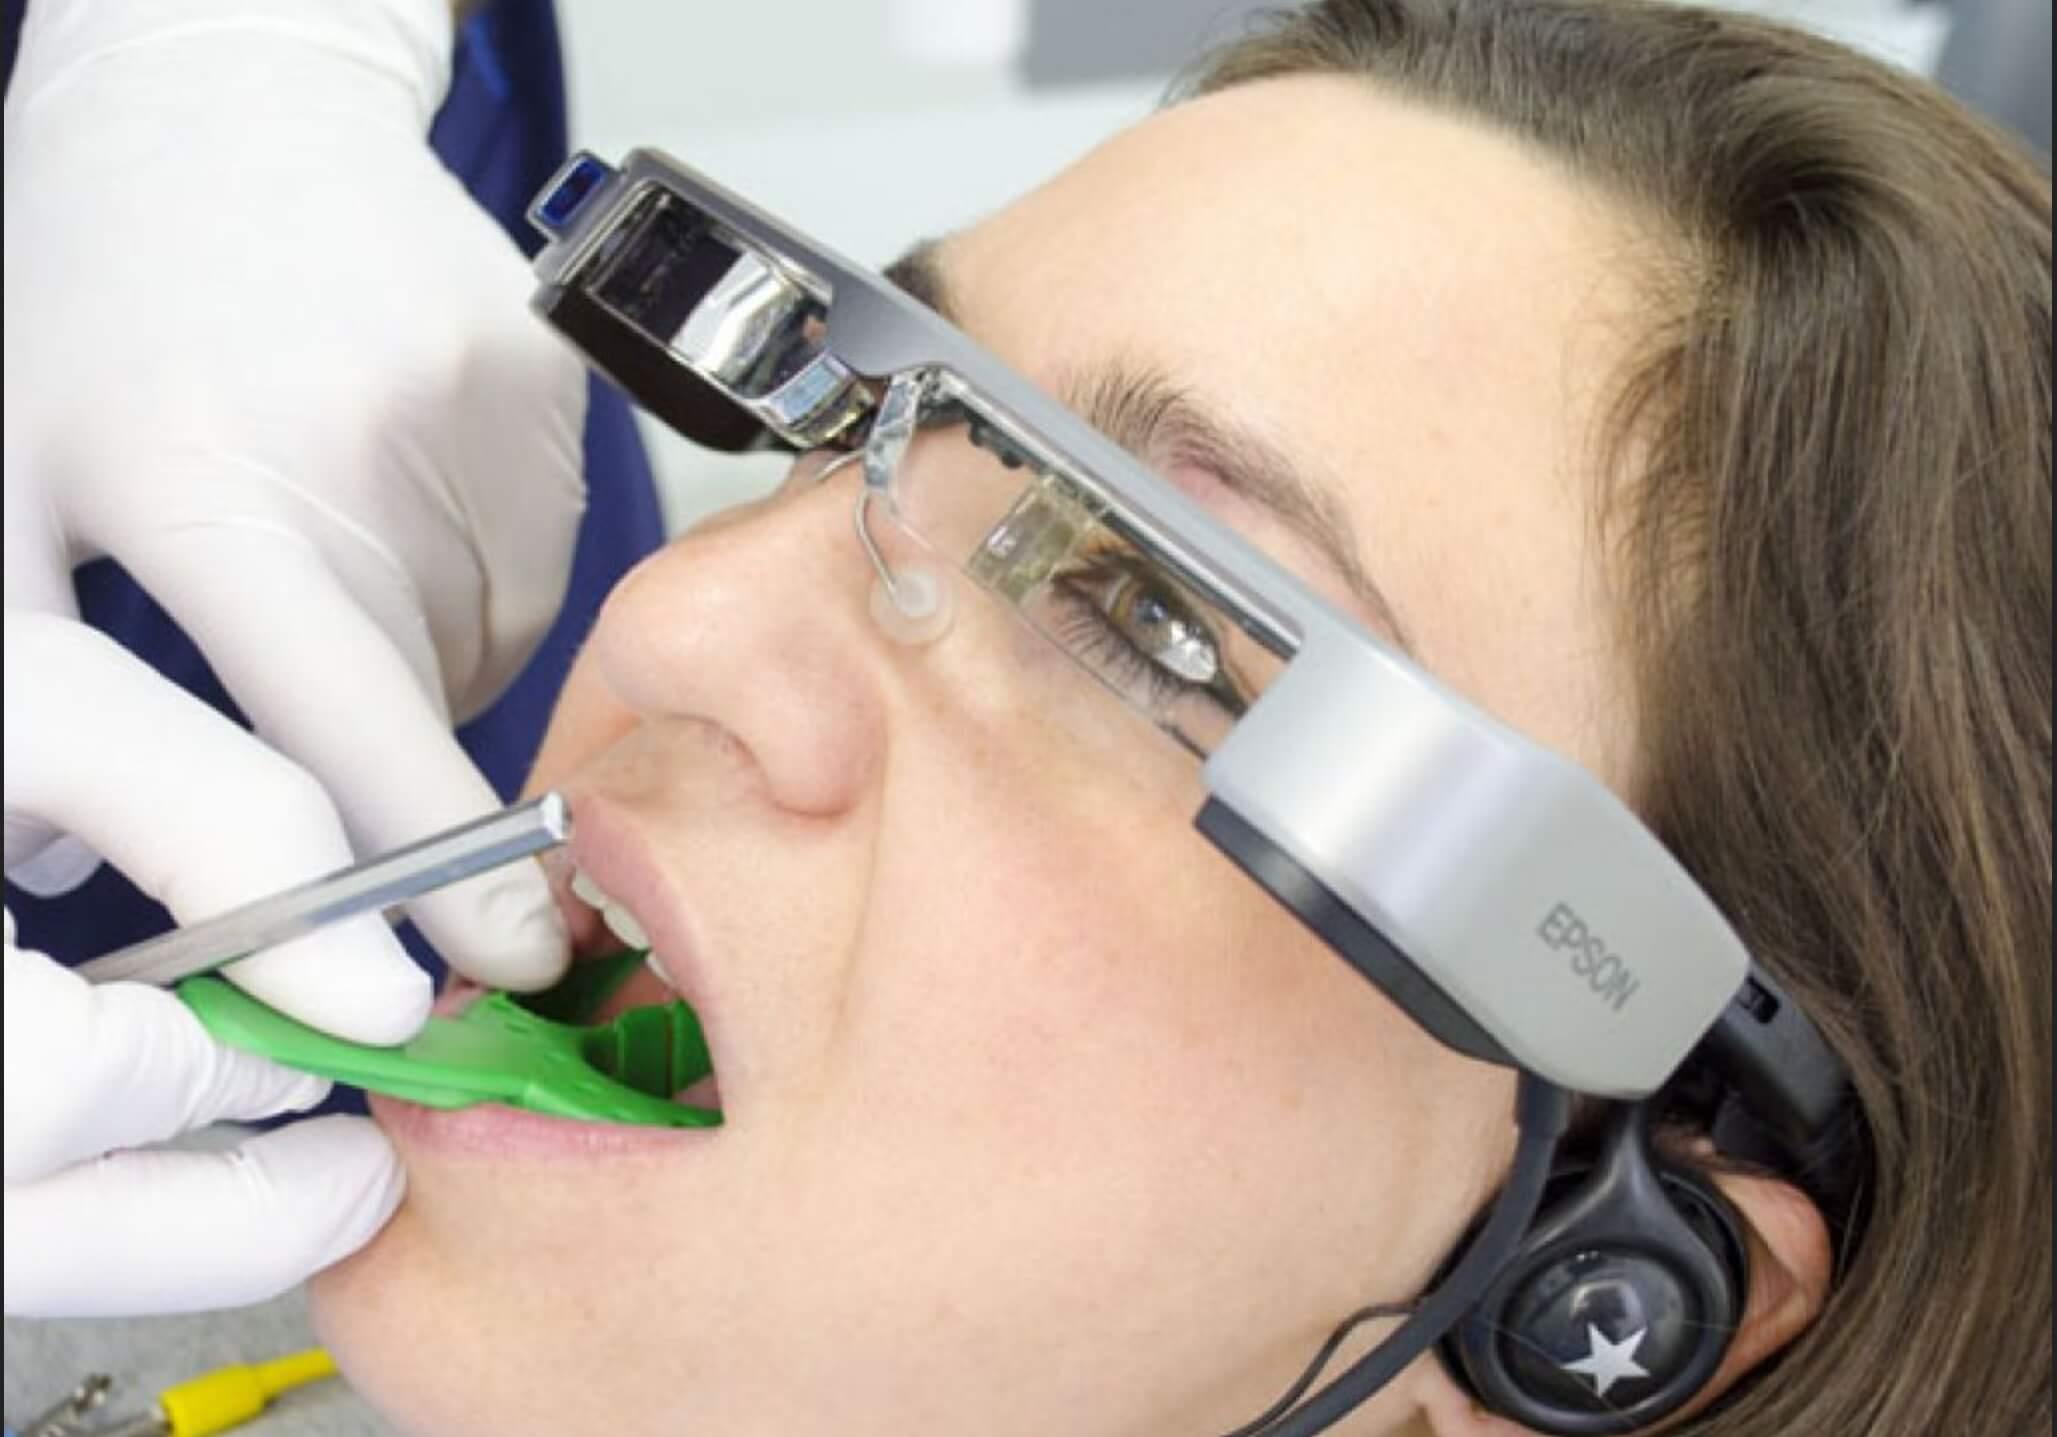 Realidad aumentada para quitarnos el miedo al dentista 1